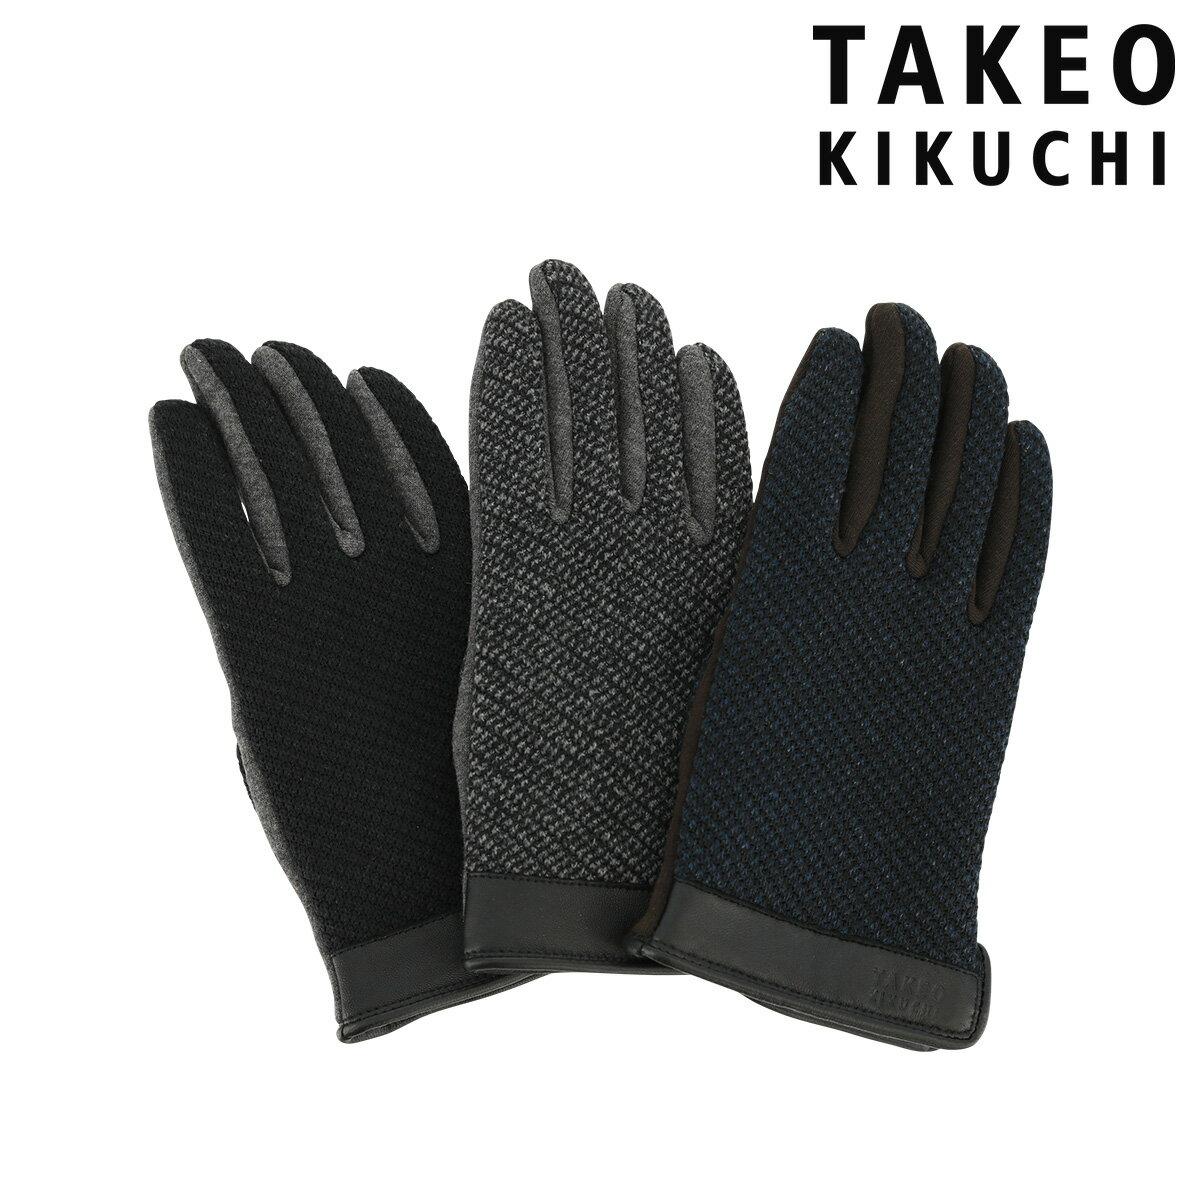 タケオキクチ 手袋 メンズ tkg-4578 TAKEO KIKUCHI 秋冬 防寒 [初売り][即日発送]